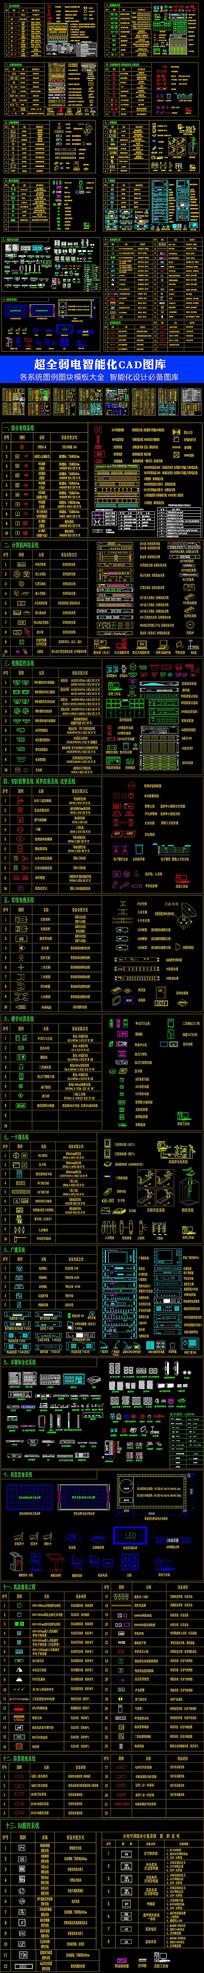 超全弱电智能化系统图库